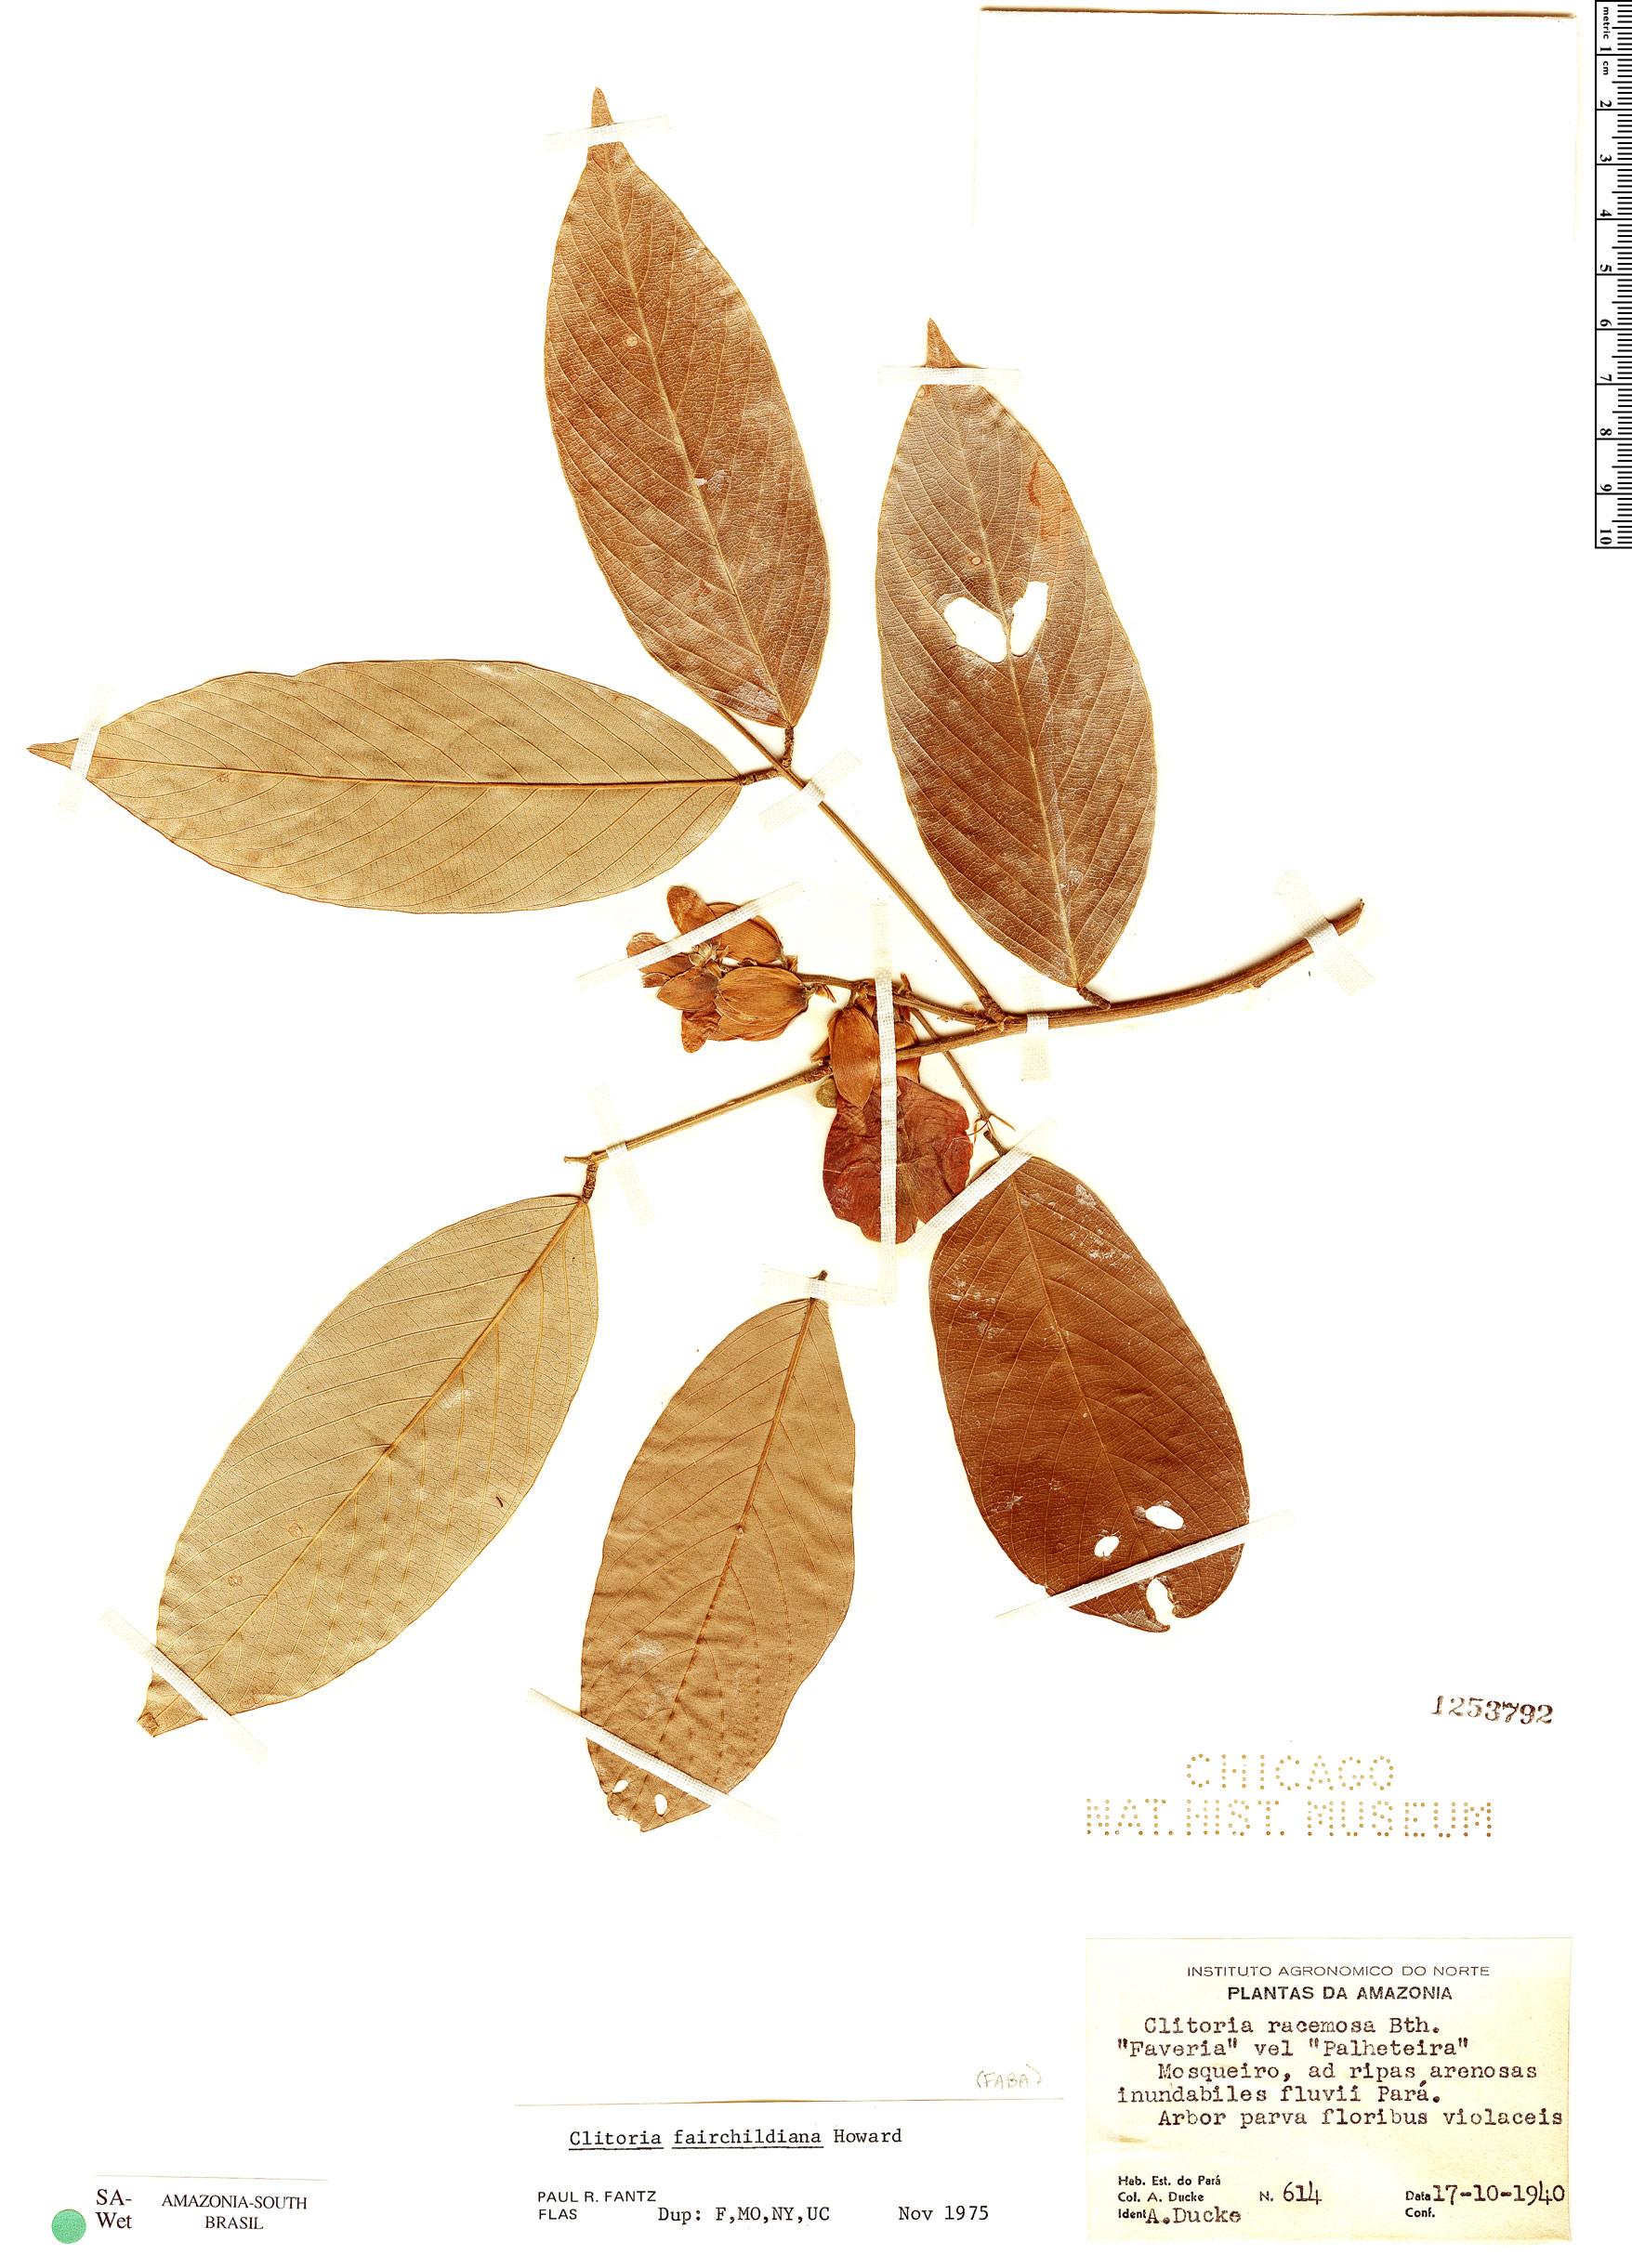 Specimen: Clitoria fairchildiana